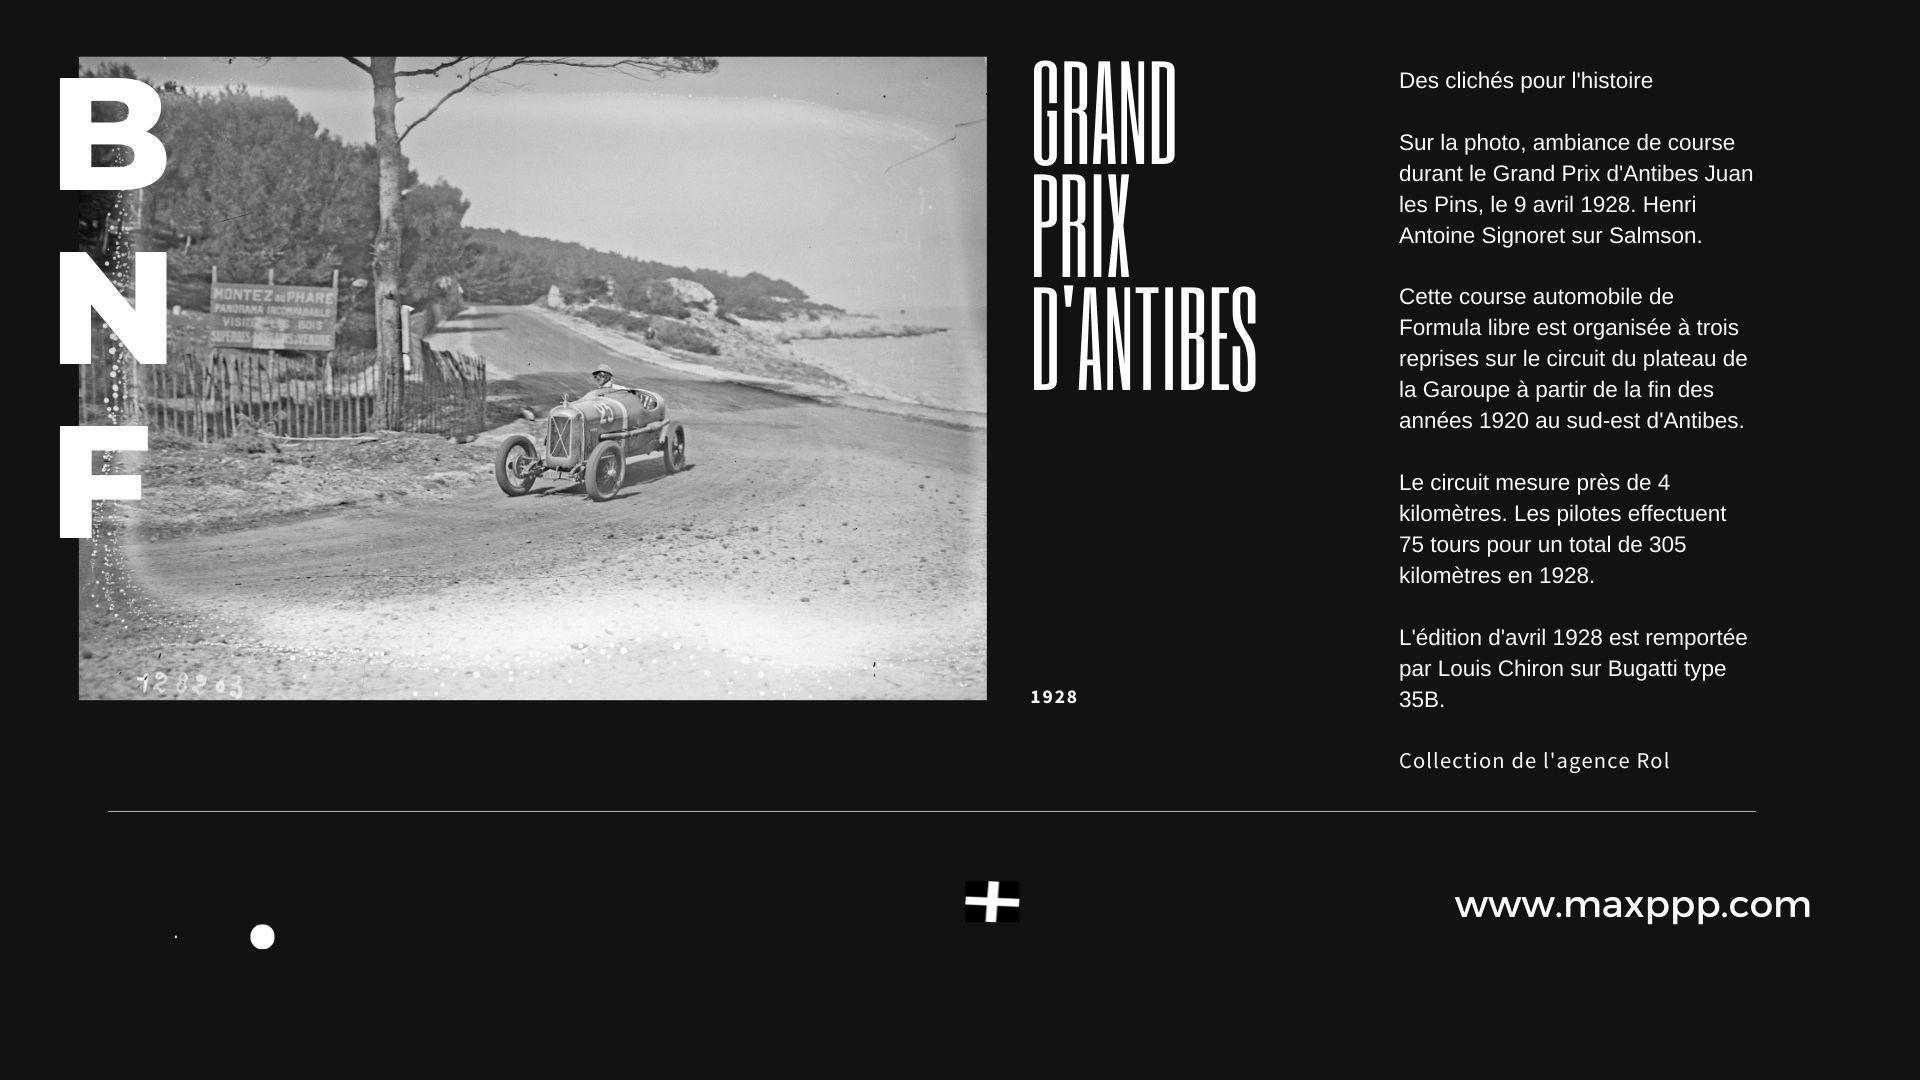 GRand Prix d'Antibes Juan Les Pins